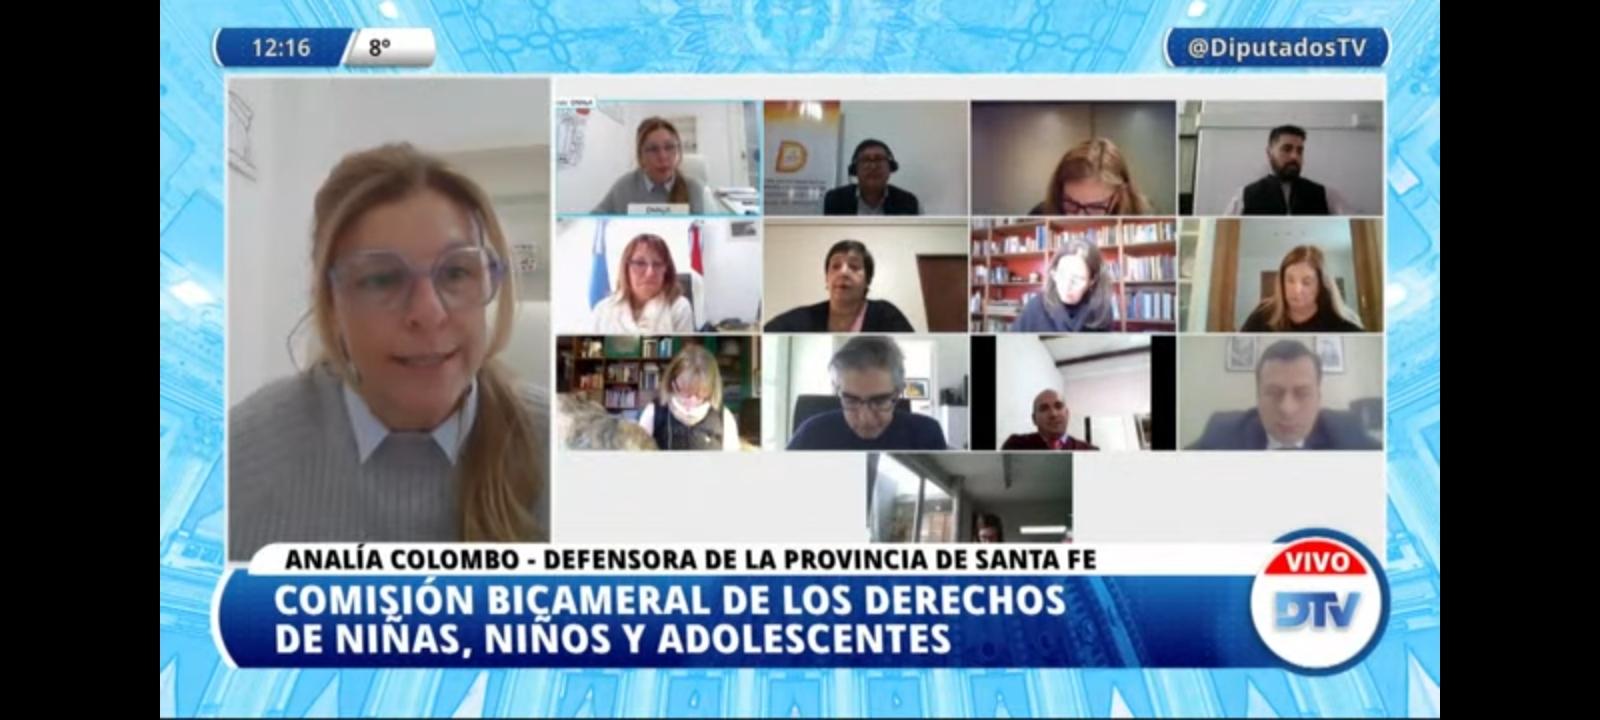 Diputados analiza con Defensorías la protección de derechos de niños y adolescentes